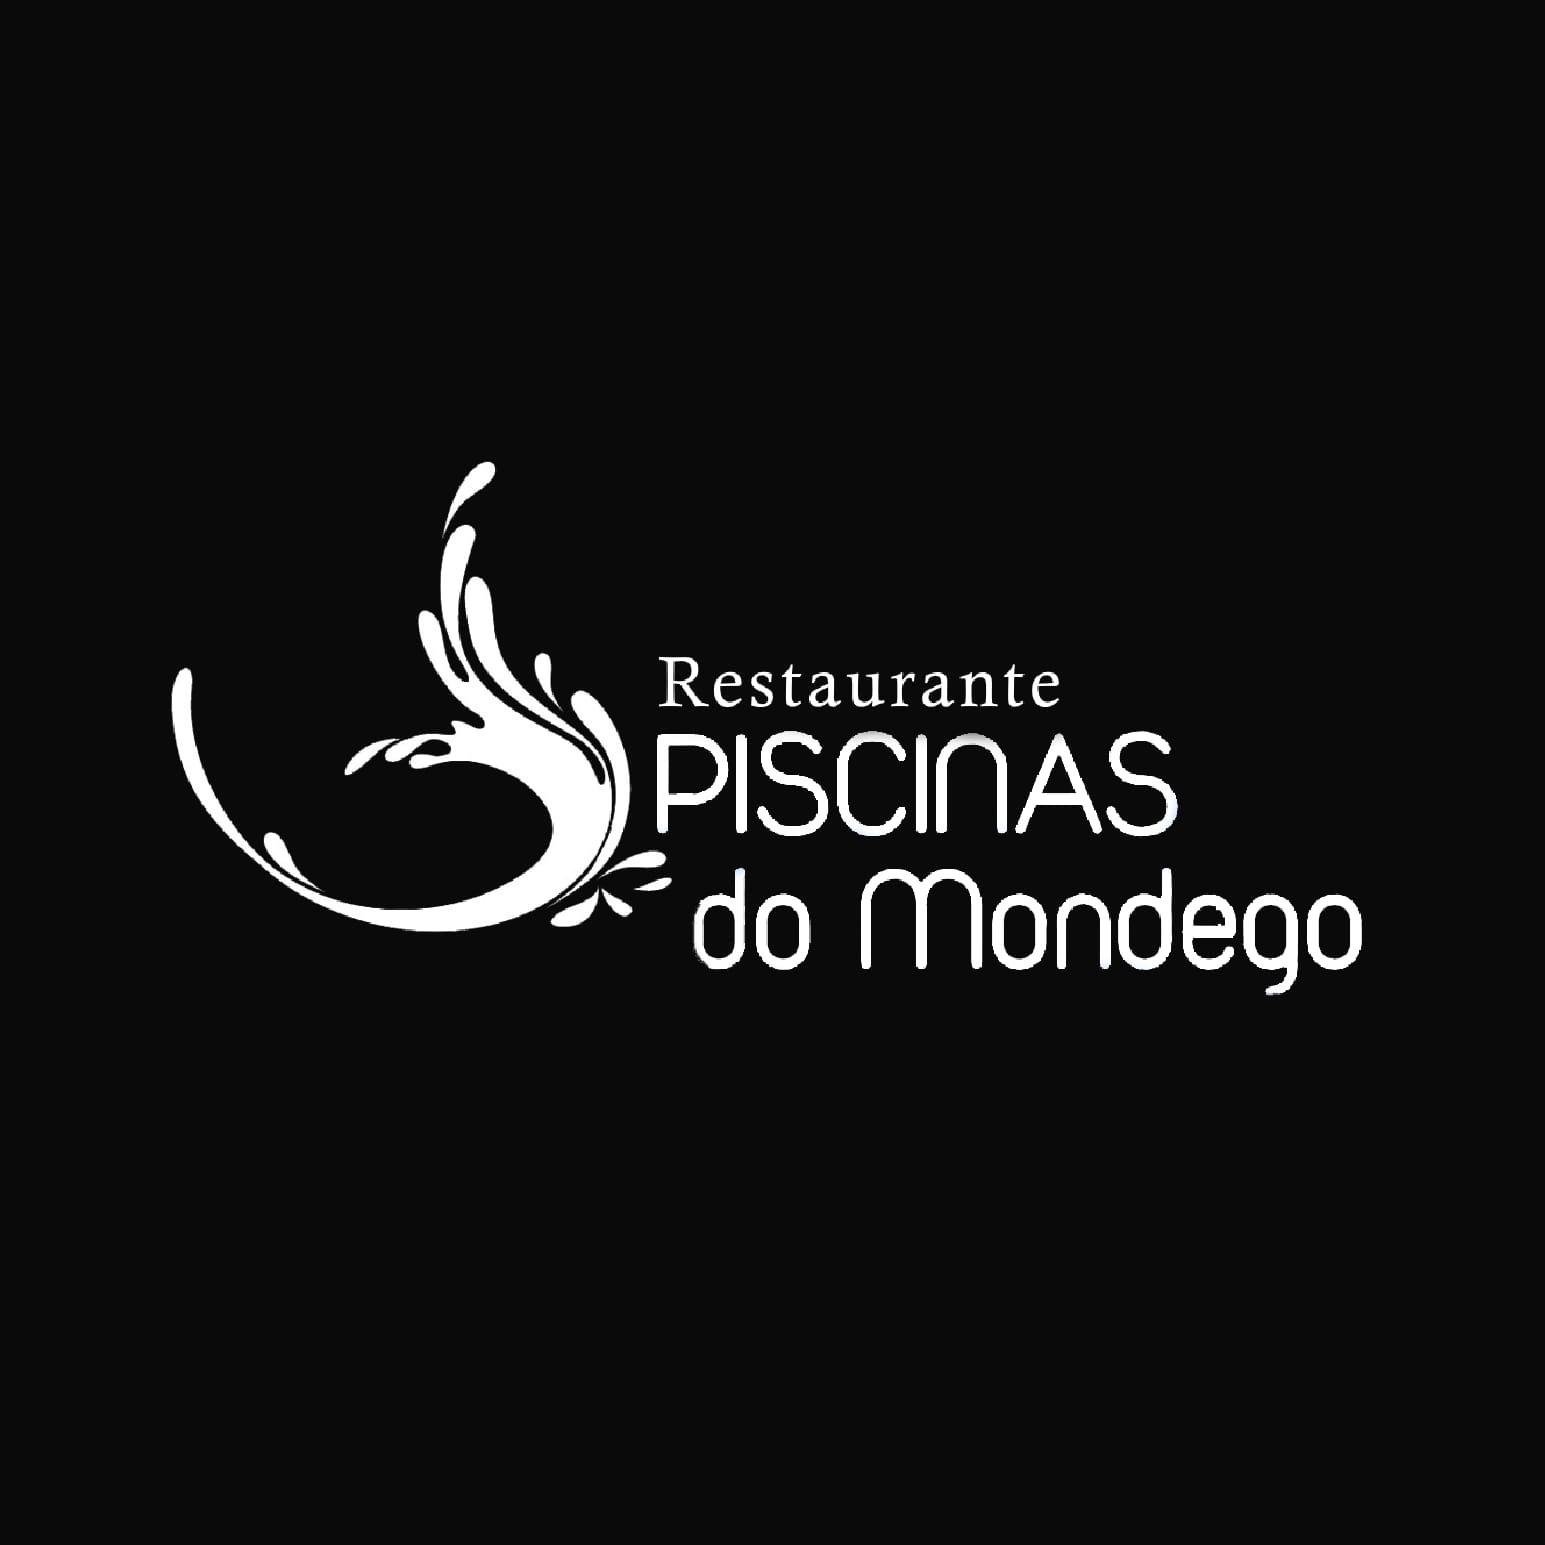 Restaurante Piscinas do Mondego